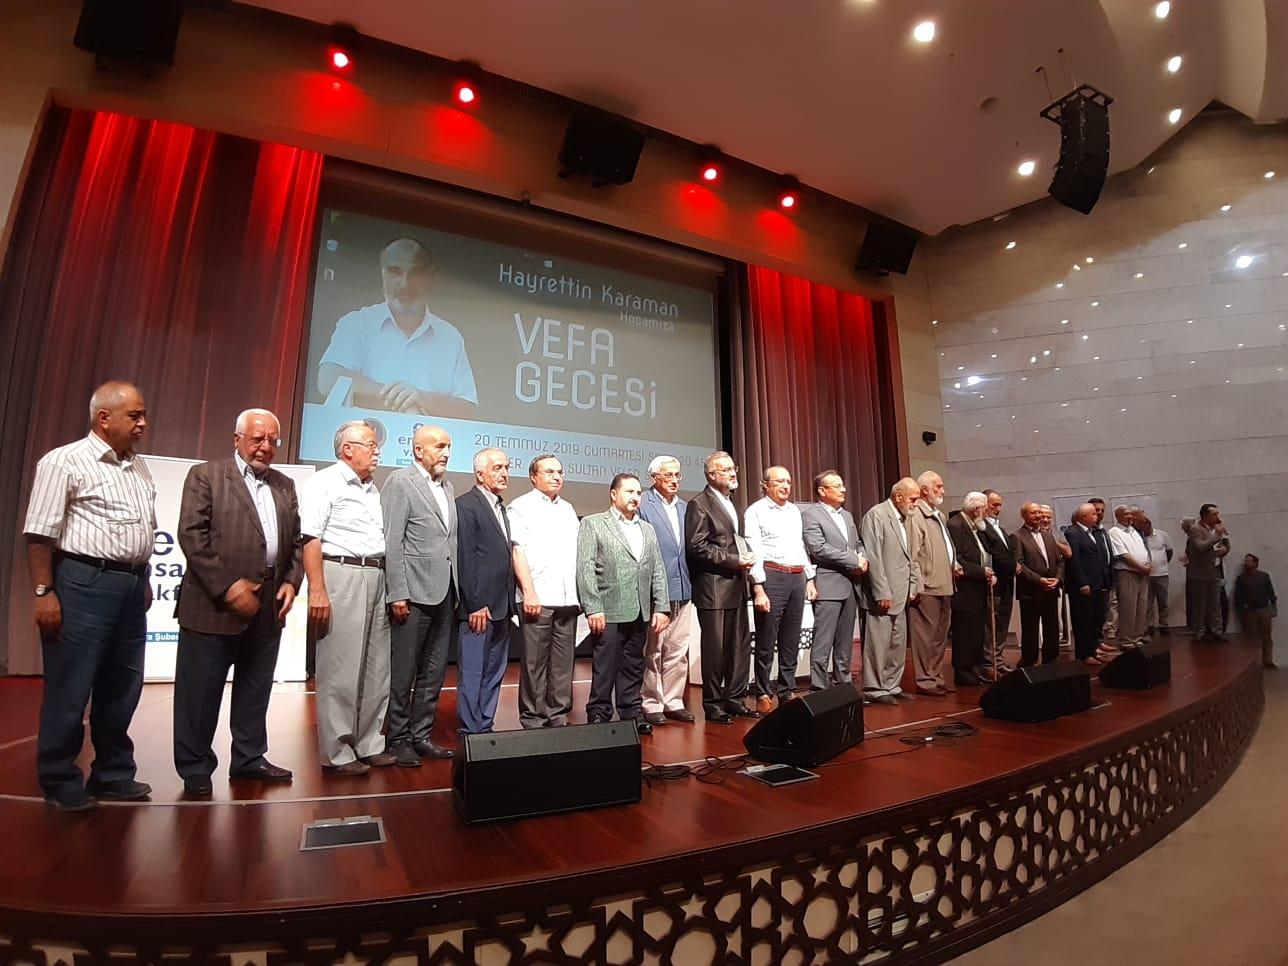 Konya'da Hayrettin Karaman'a vefa gecesi düzenlendi